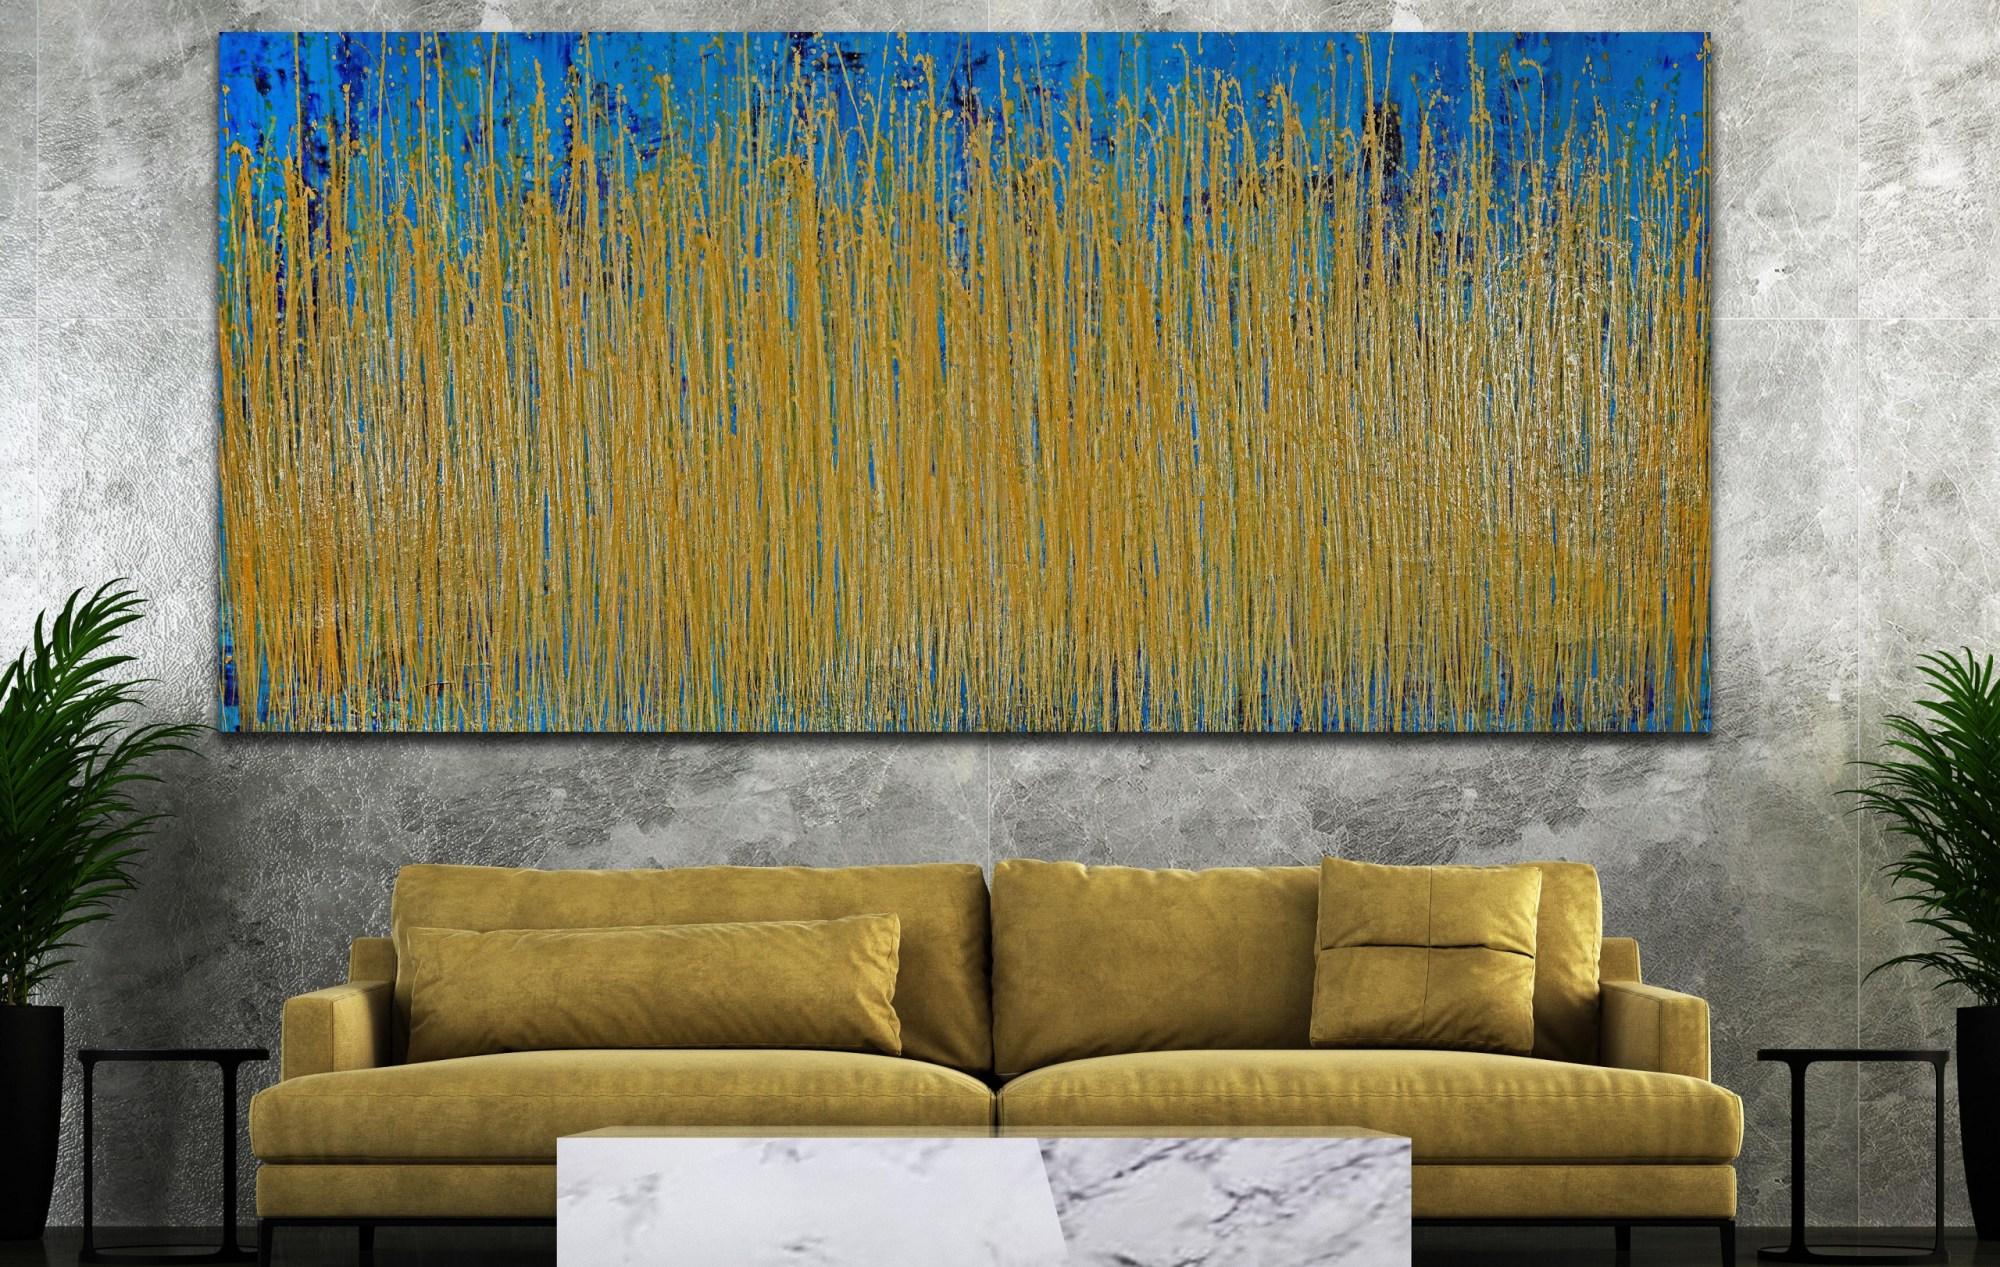 Thunder Silhouettes (Golden Spectra) 3 (2021) / ARTIST: Nestor Toro